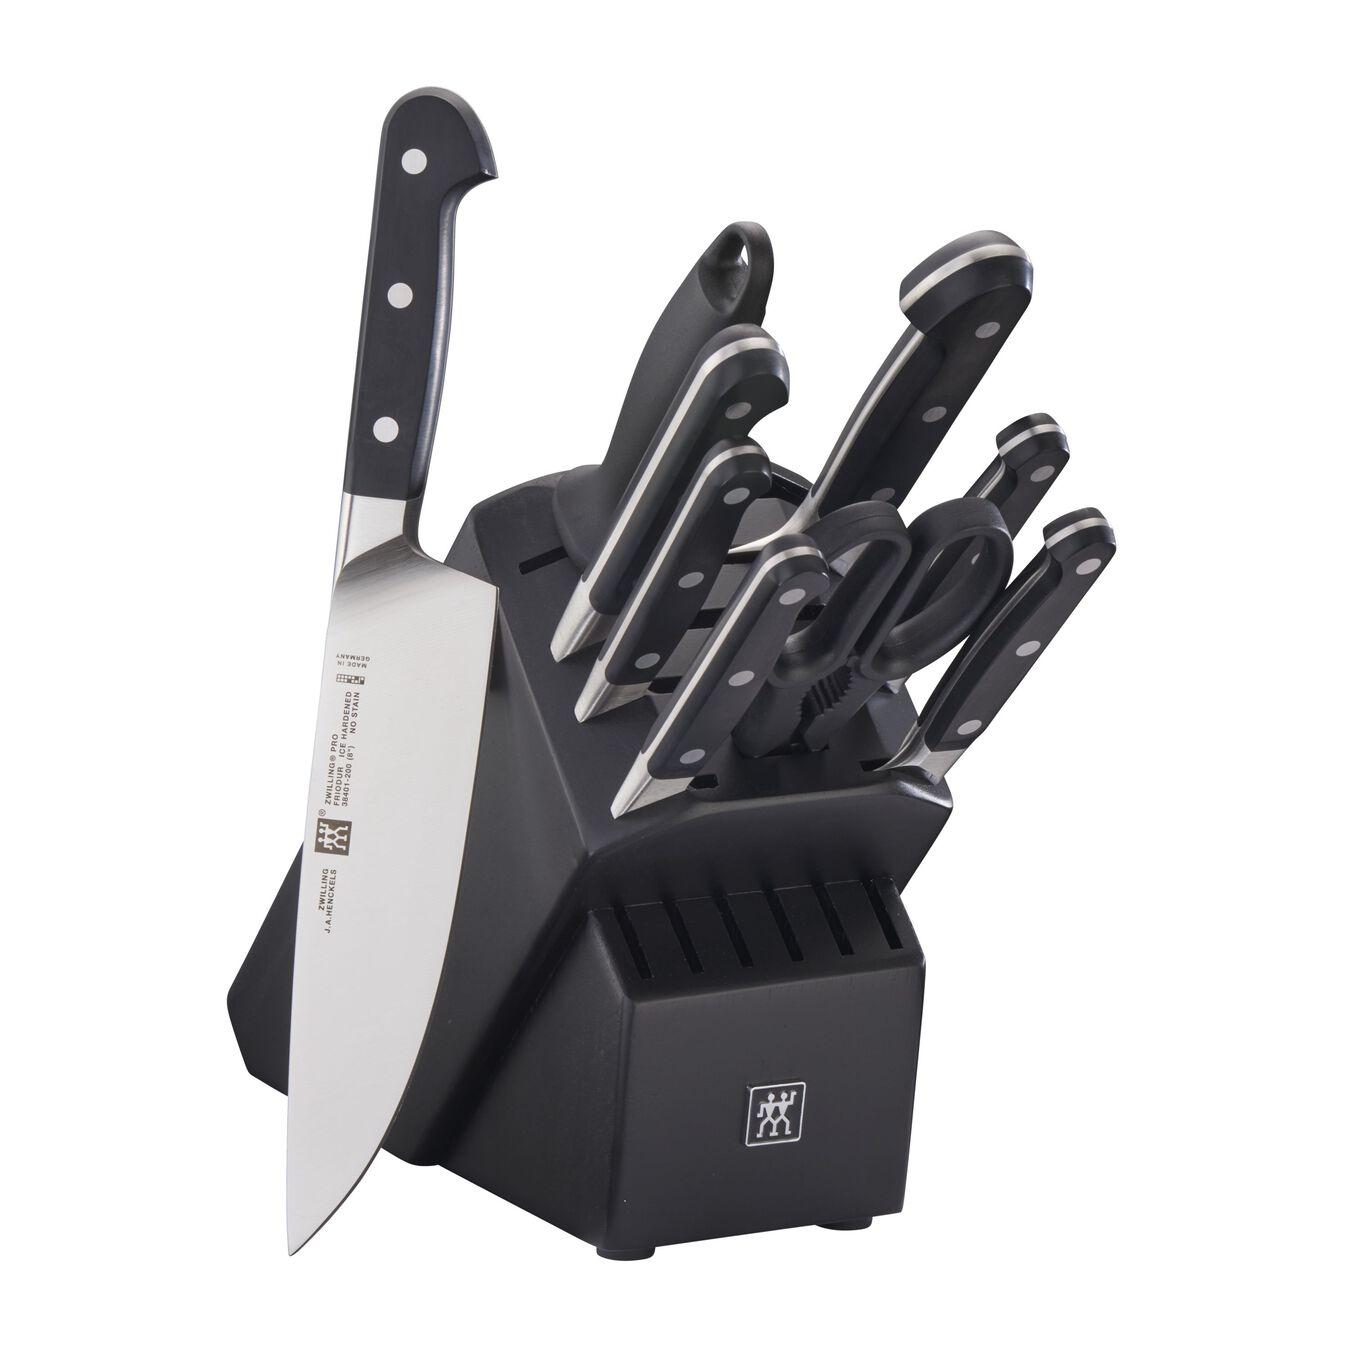 10-pc Knife Block Set - Black,,large 1